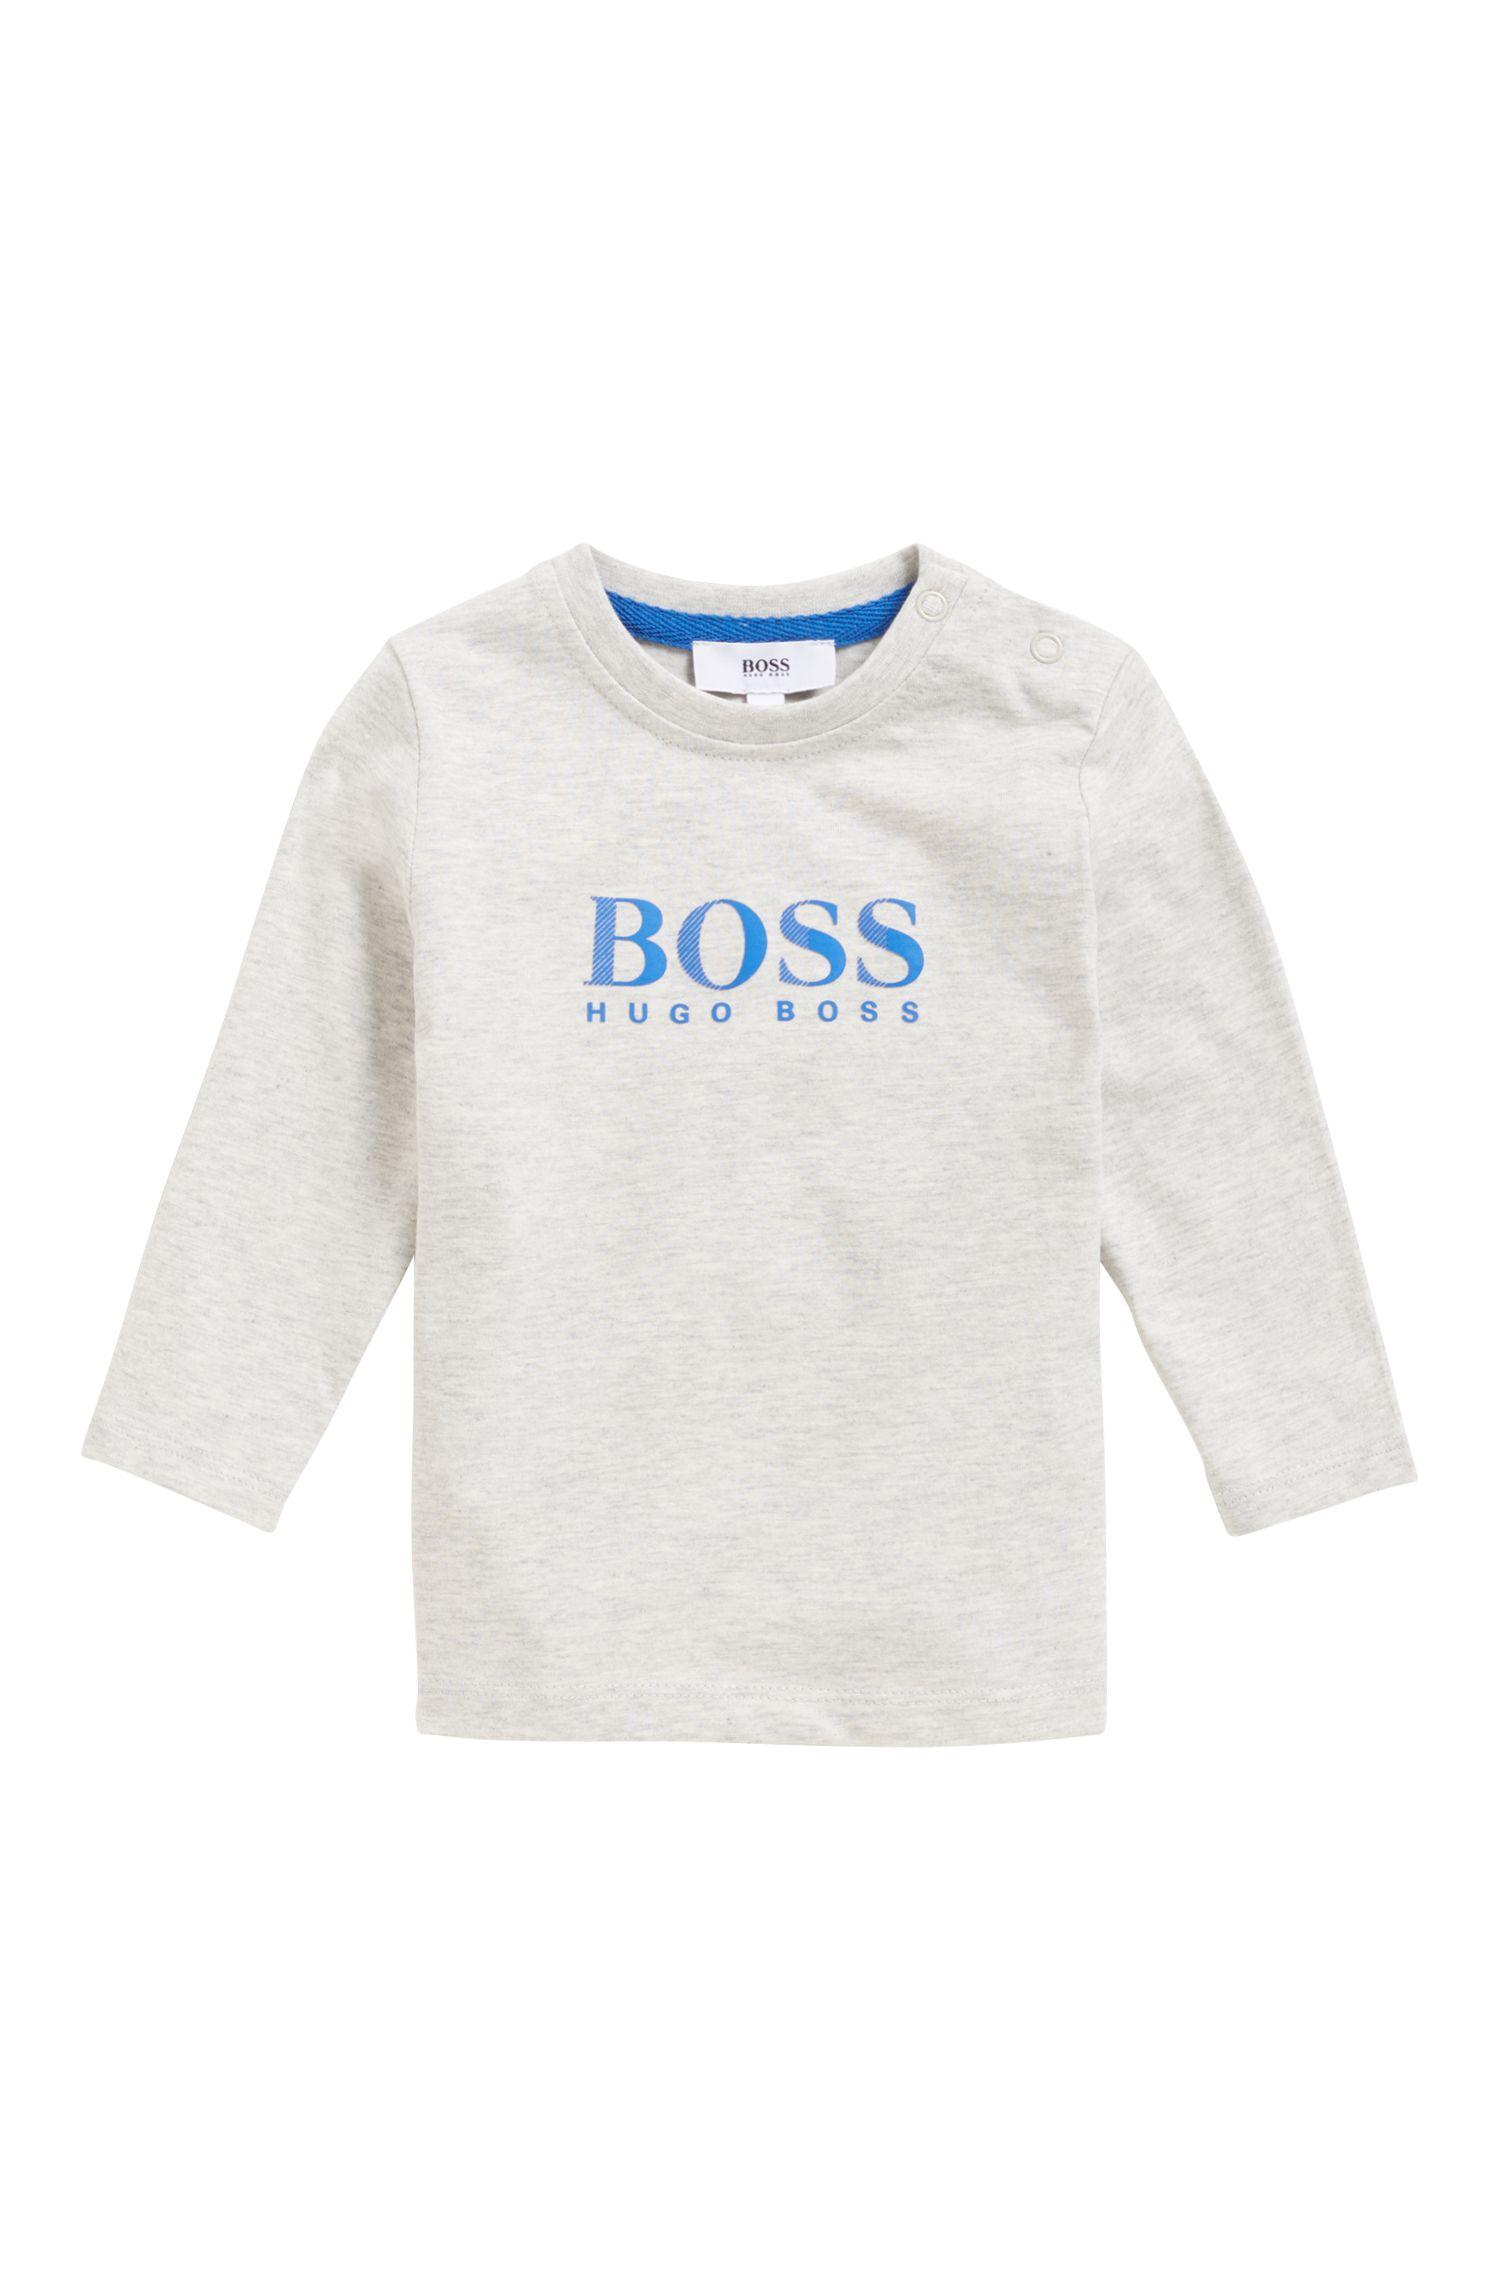 T-shirt à manches longues pour enfant en jersey de coton à logo imprimé, Gris chiné